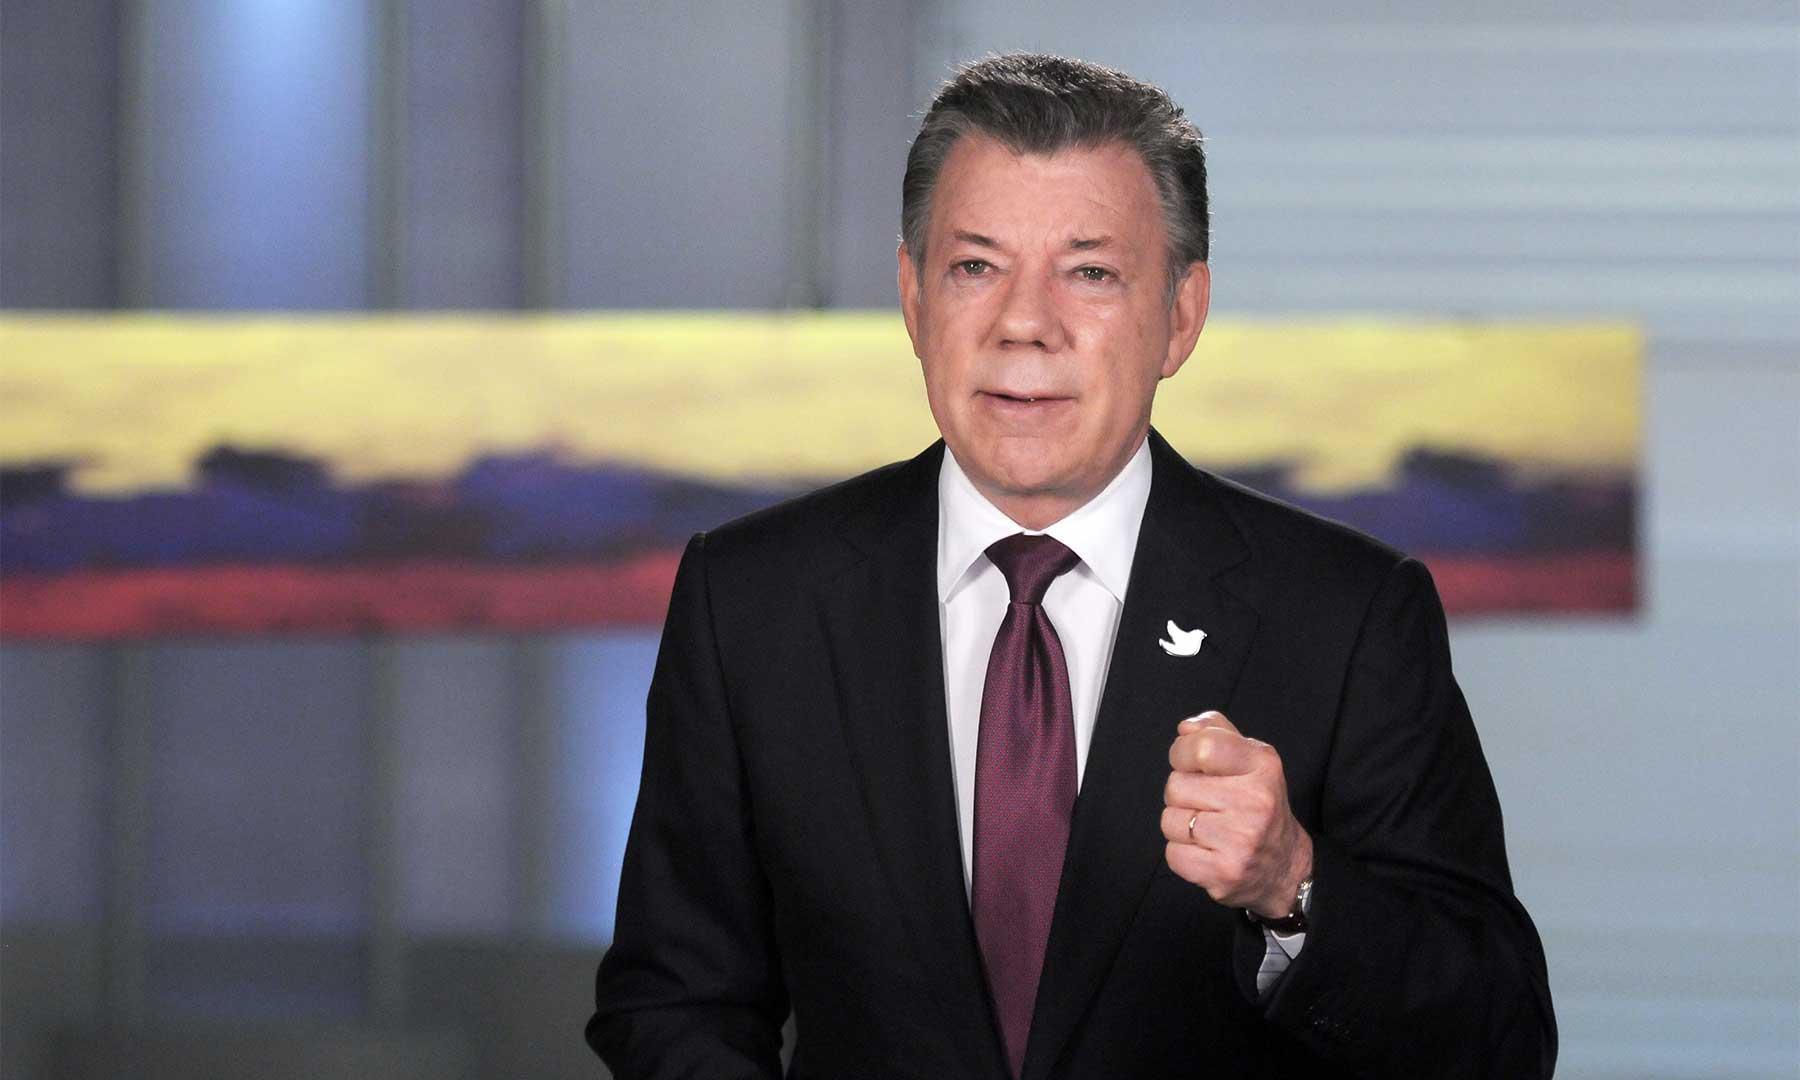 El Presidente Juan Manuel Santos dijo que seguirá escuchando y recibiendo propuestas hasta el próximo jueves para un acuerdo de paz que llevará a la mesa de negociaciones con las Farc.